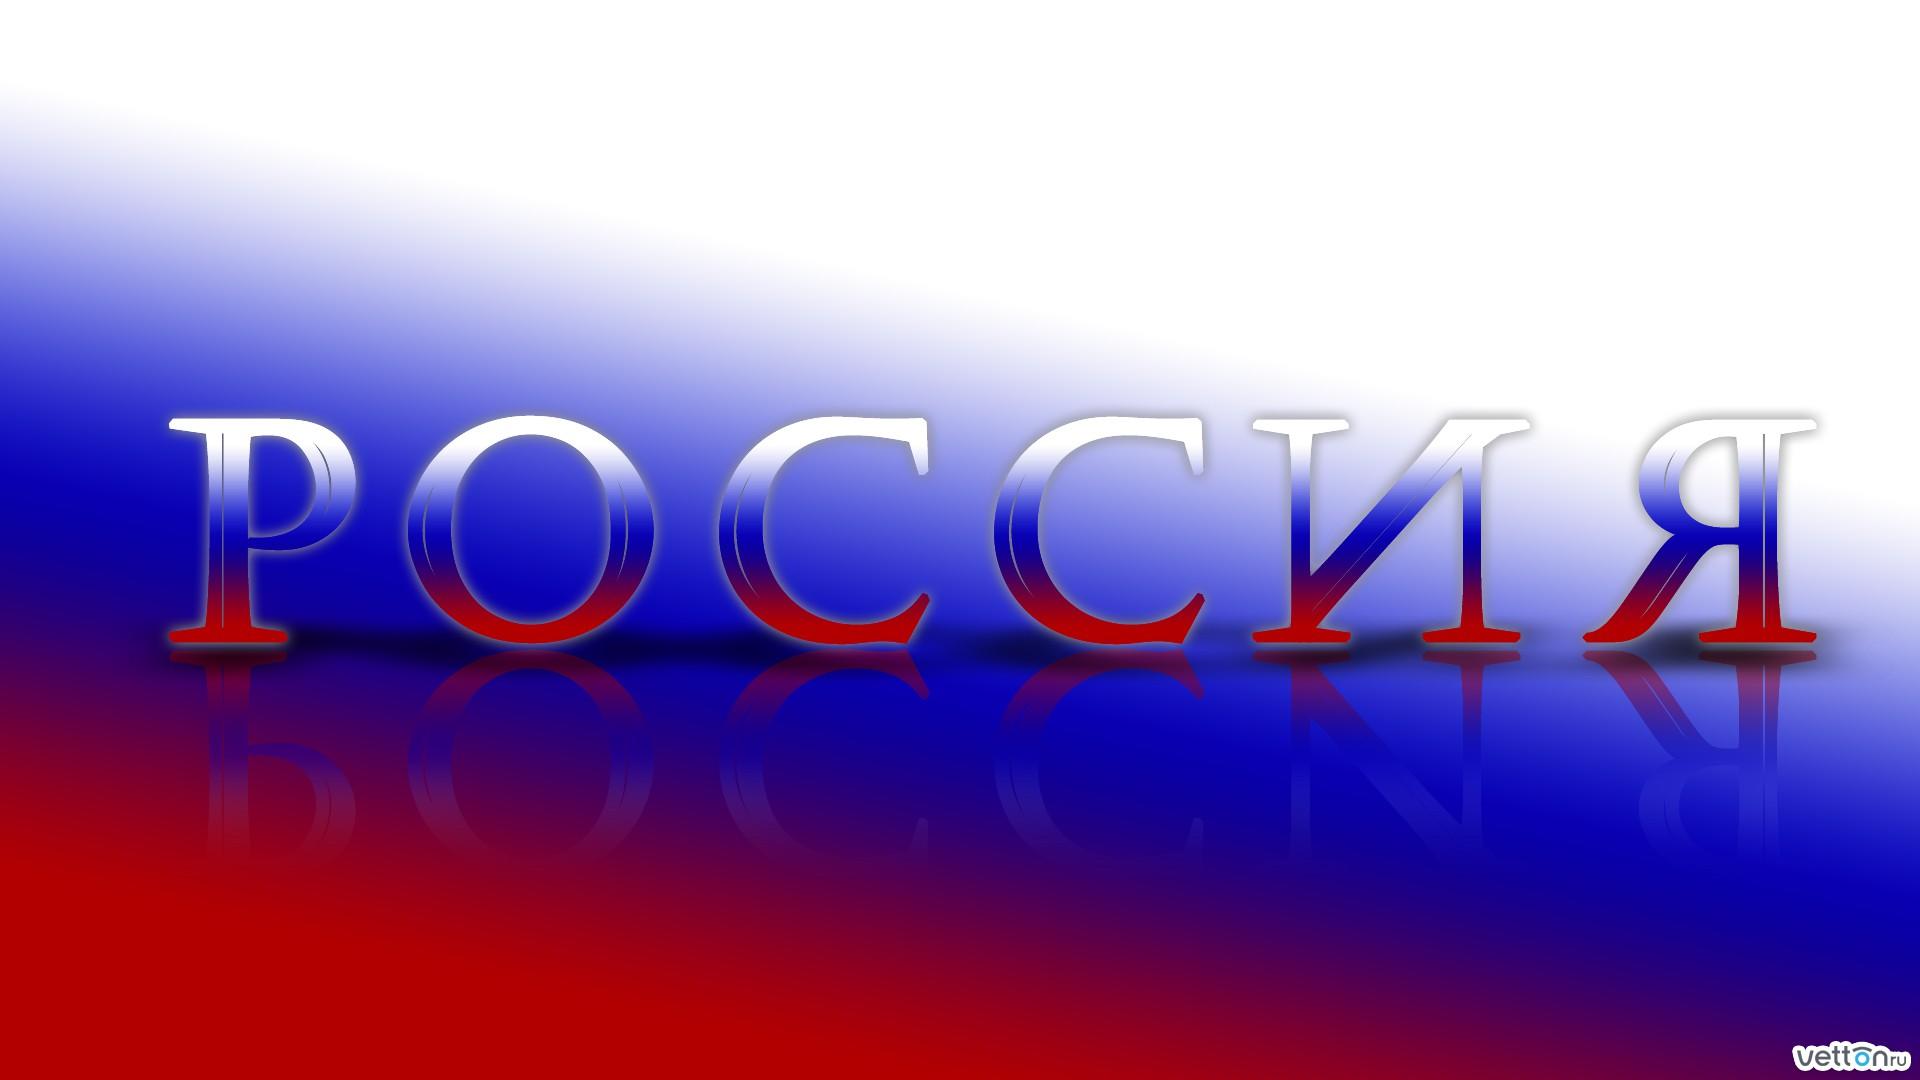 1920x1080 россия города и страны vetton ru